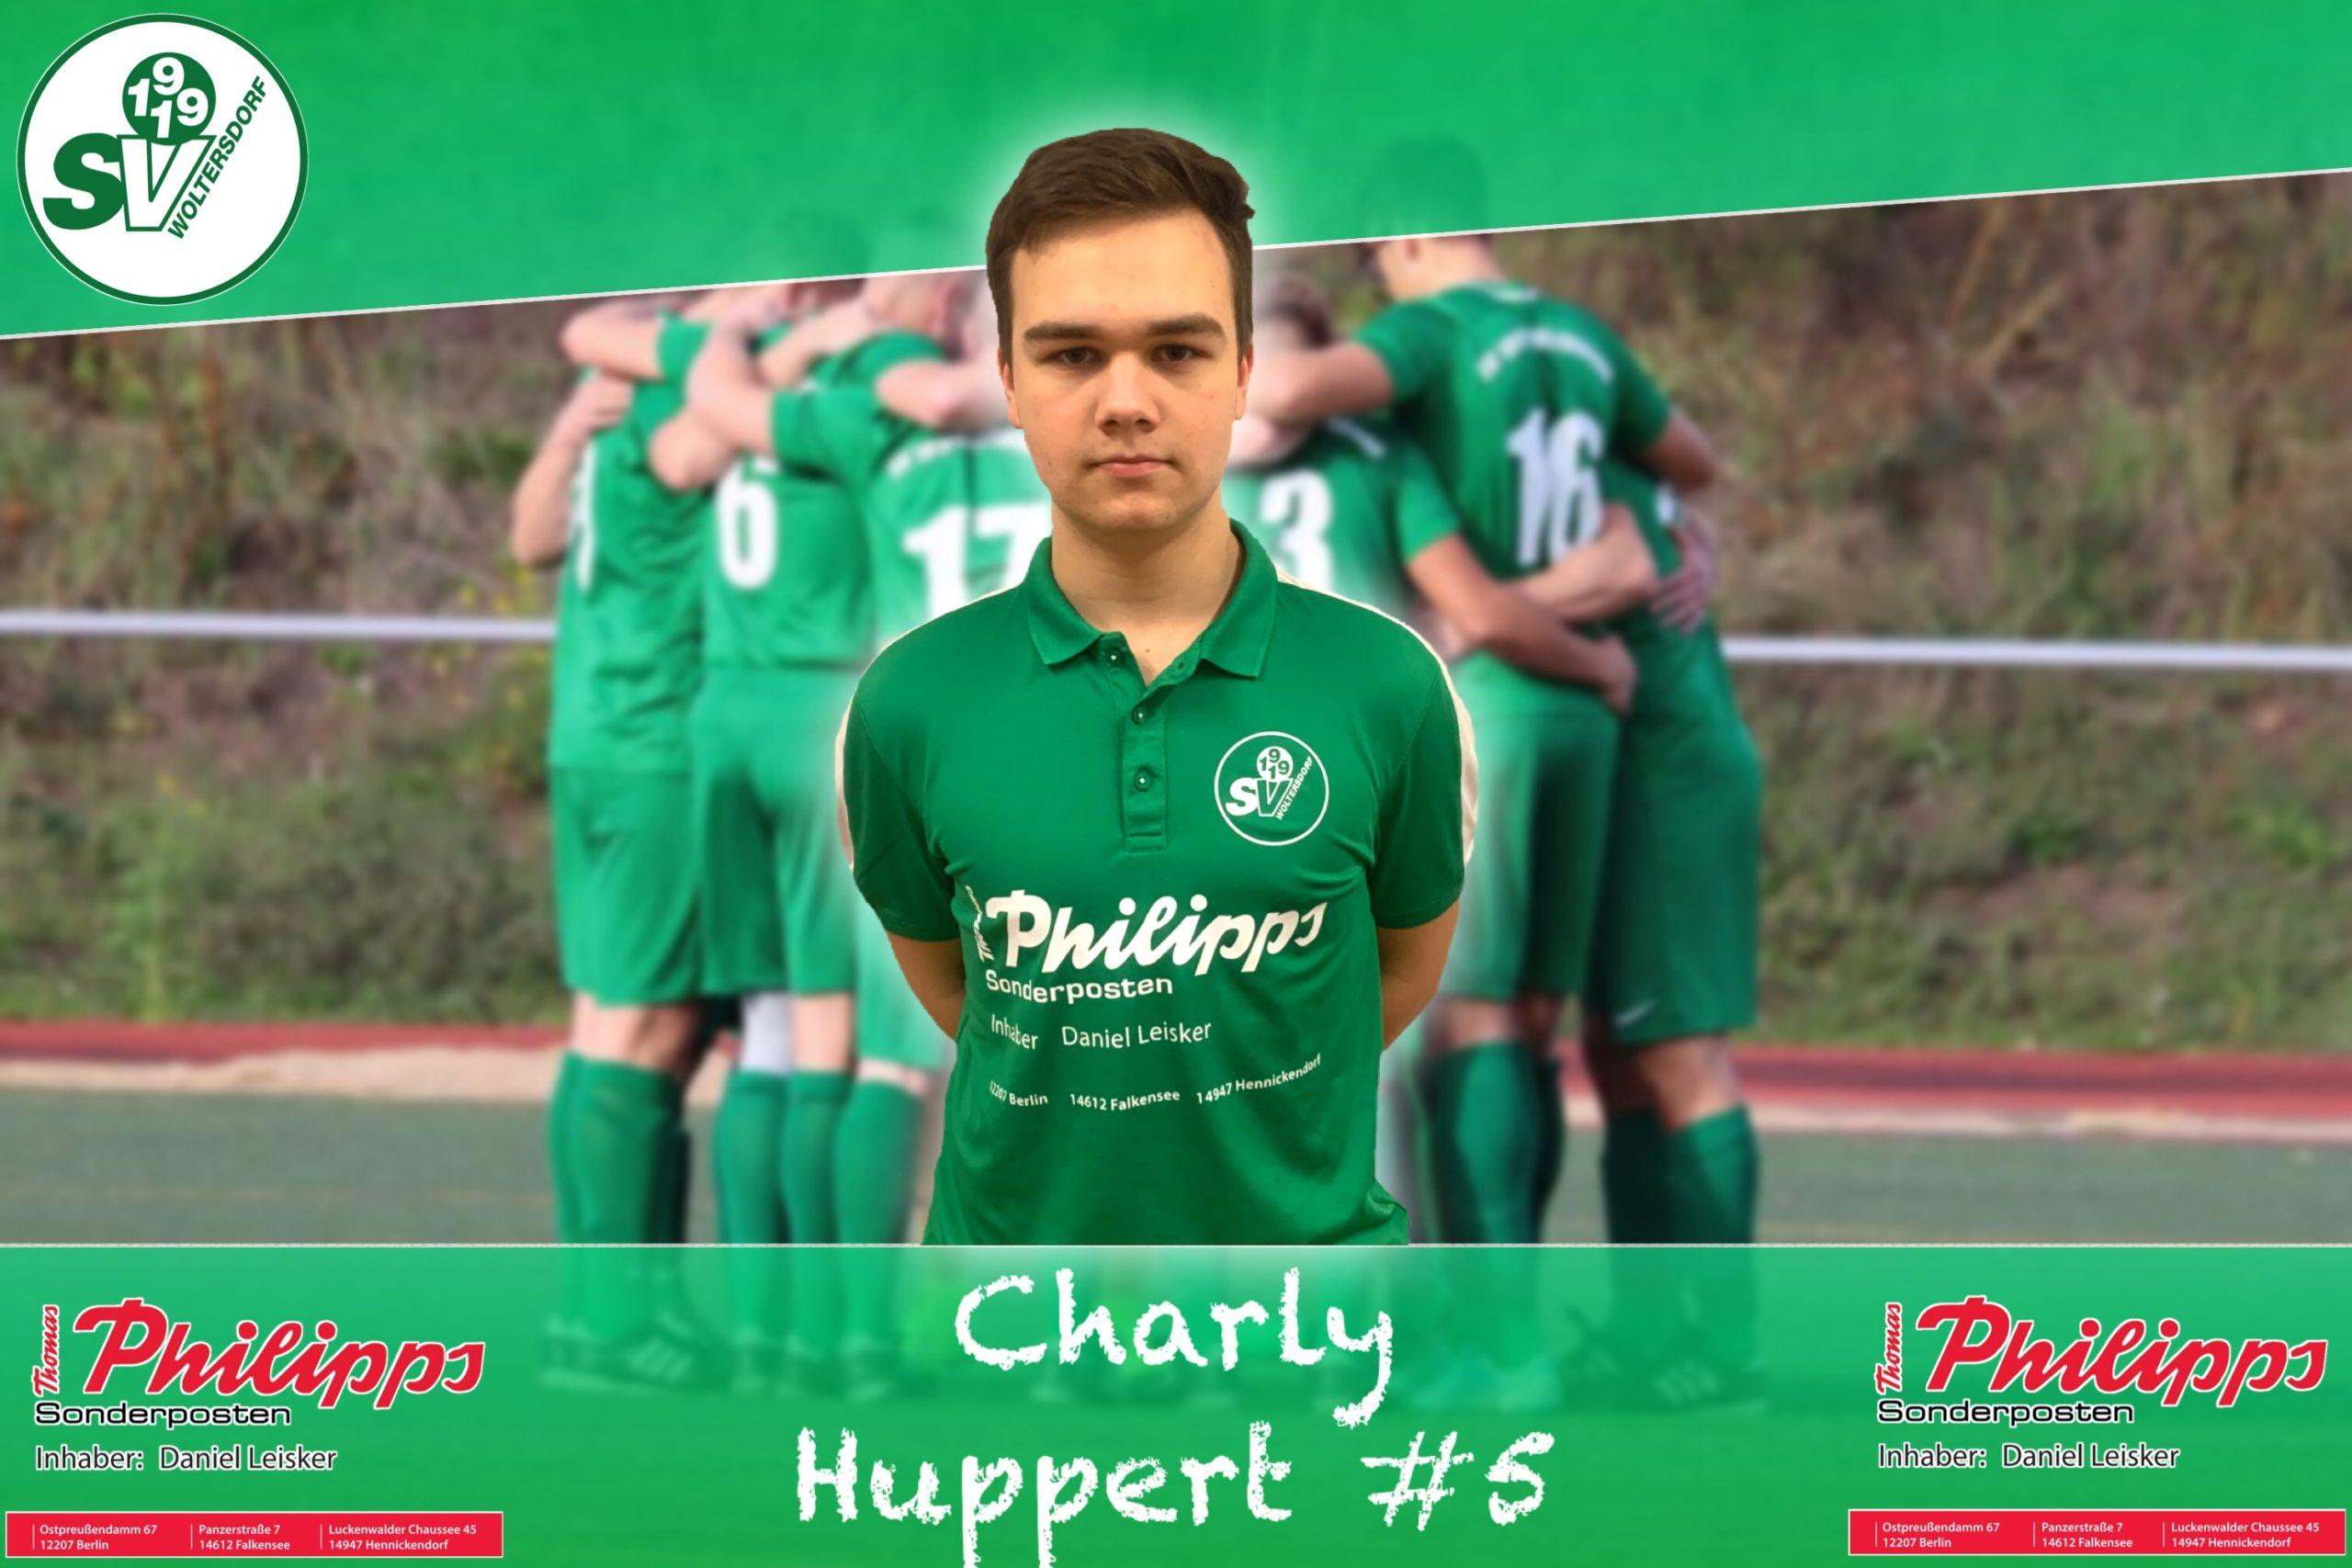 Charly Huppert